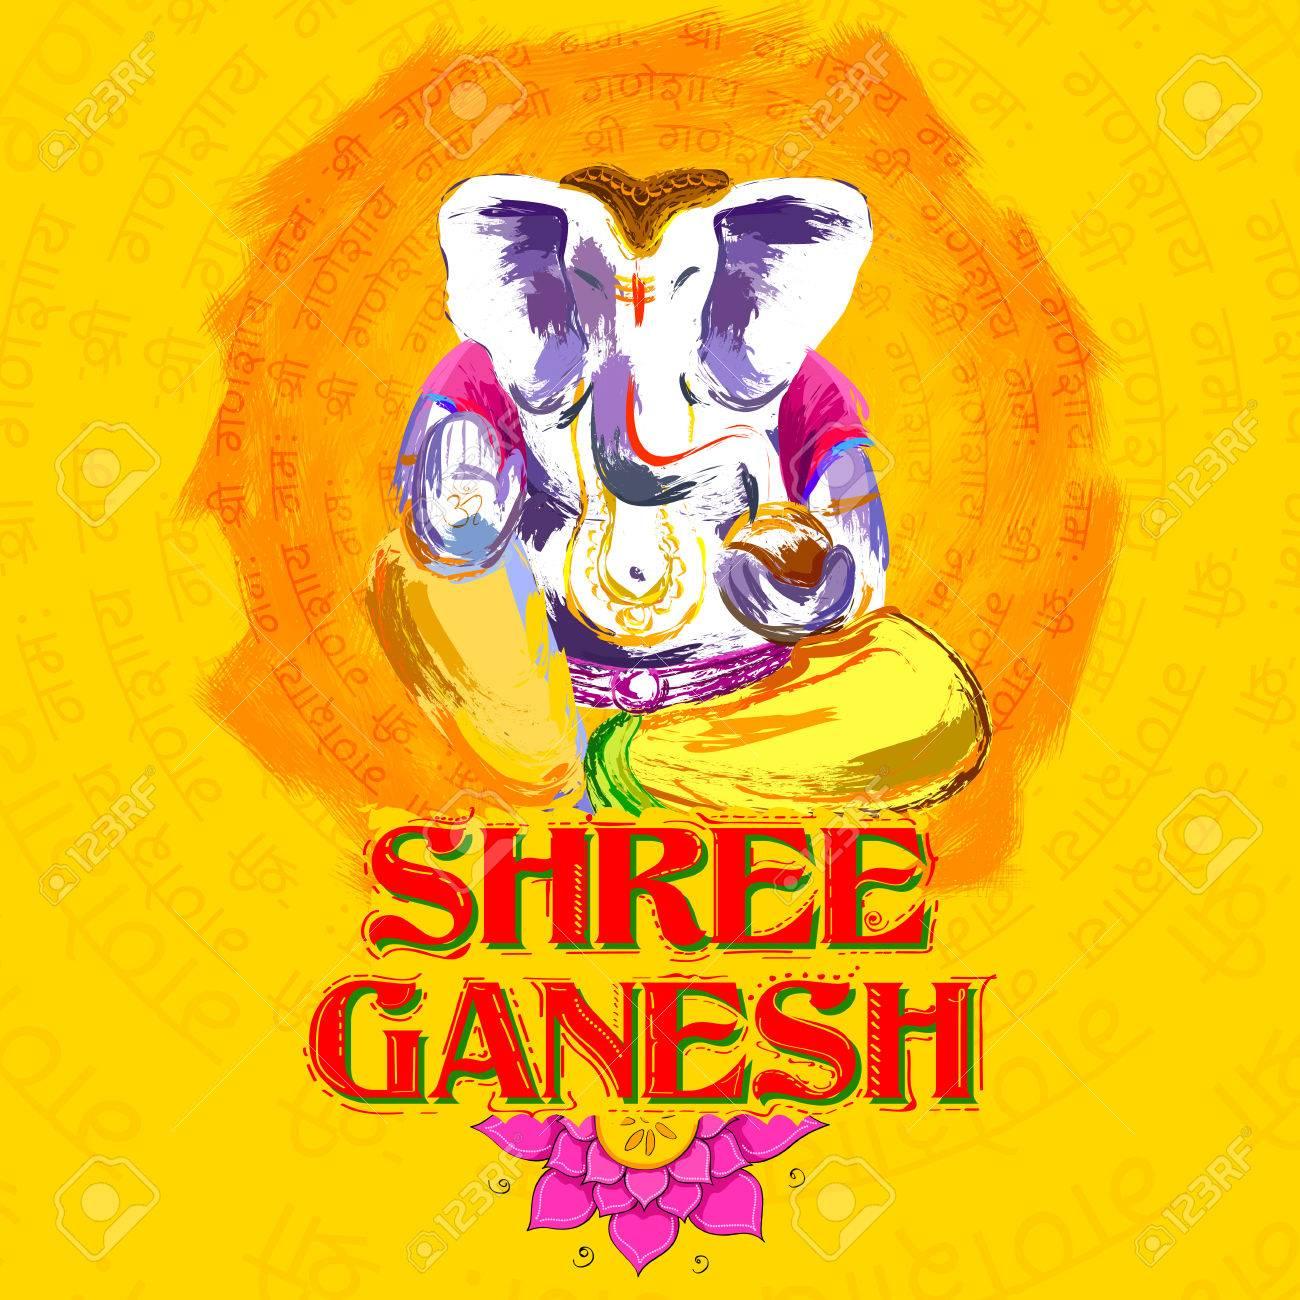 メッセージ主ガネーシャにシュリ Ganeshaye Namah 祈りとペイント